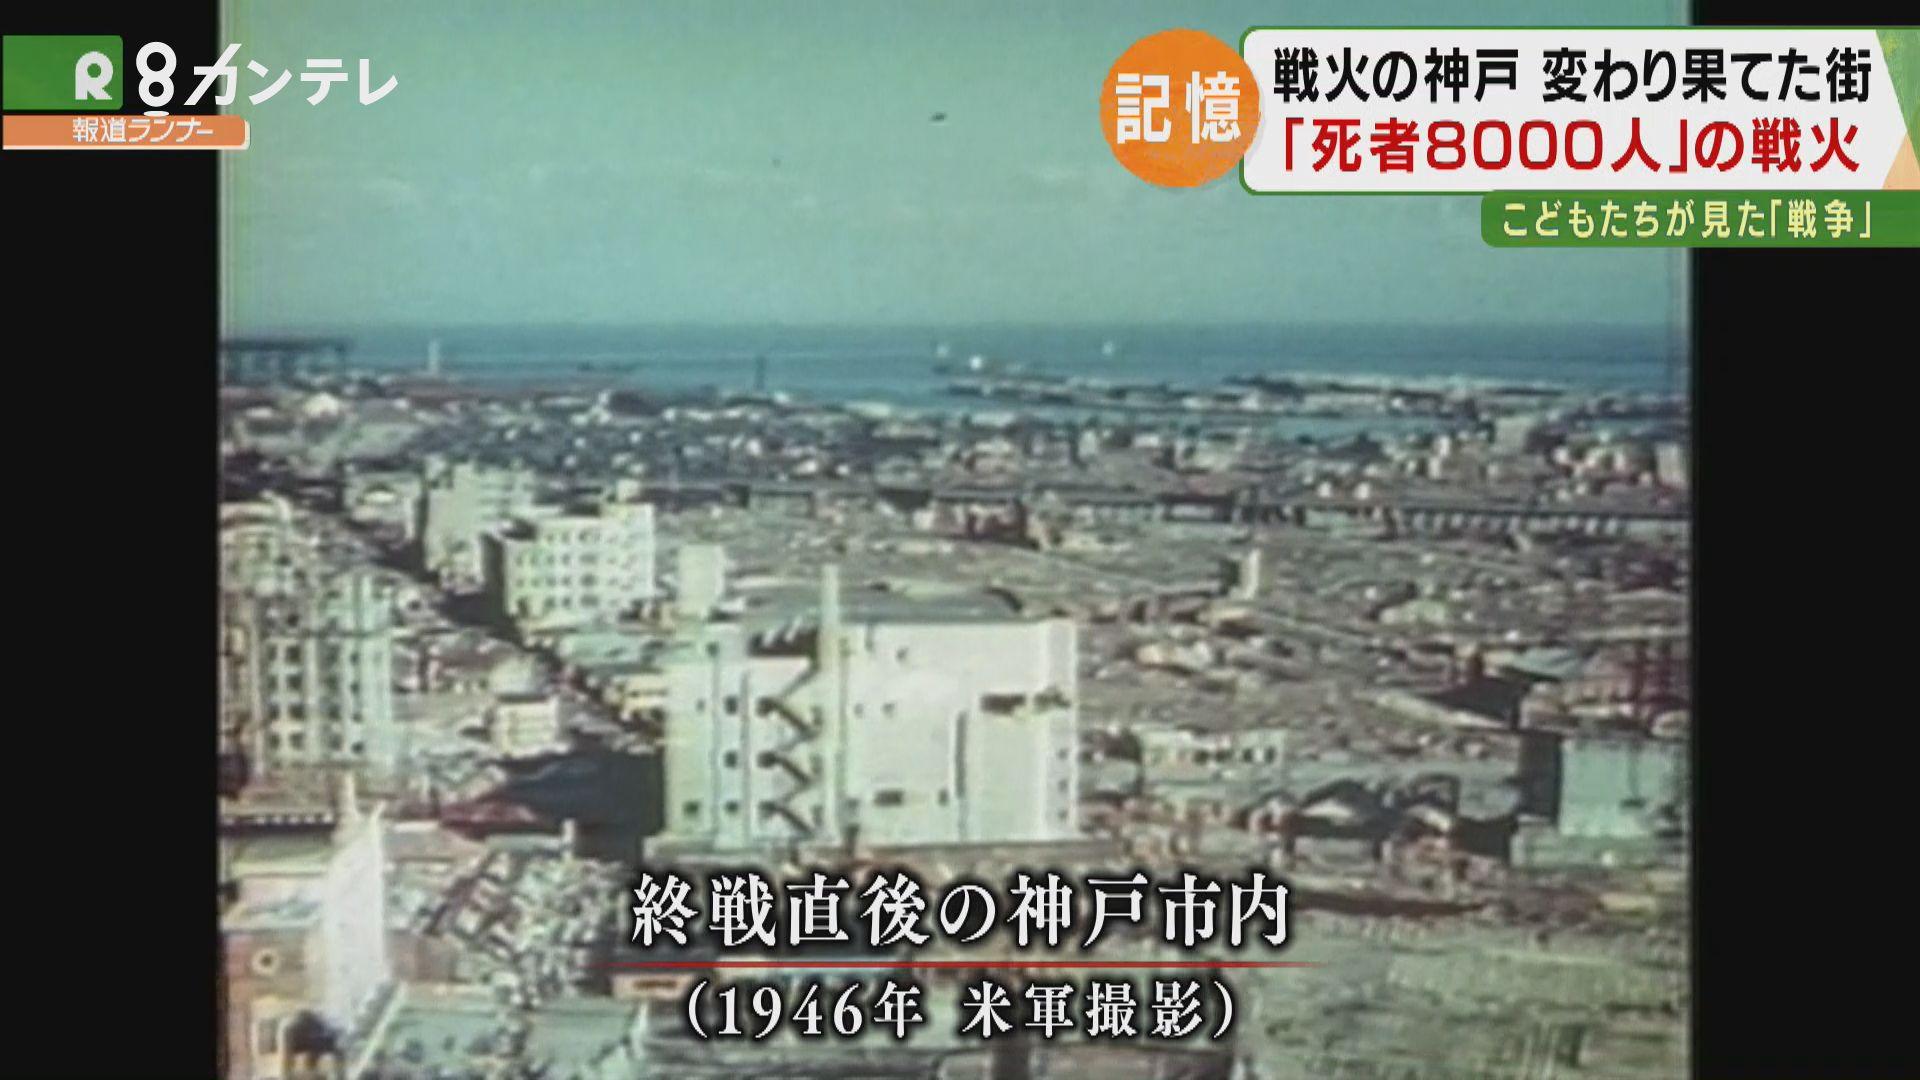 【特集】戦火を逃げまどった「子供たち」の記憶 死者8000人の神戸大空襲